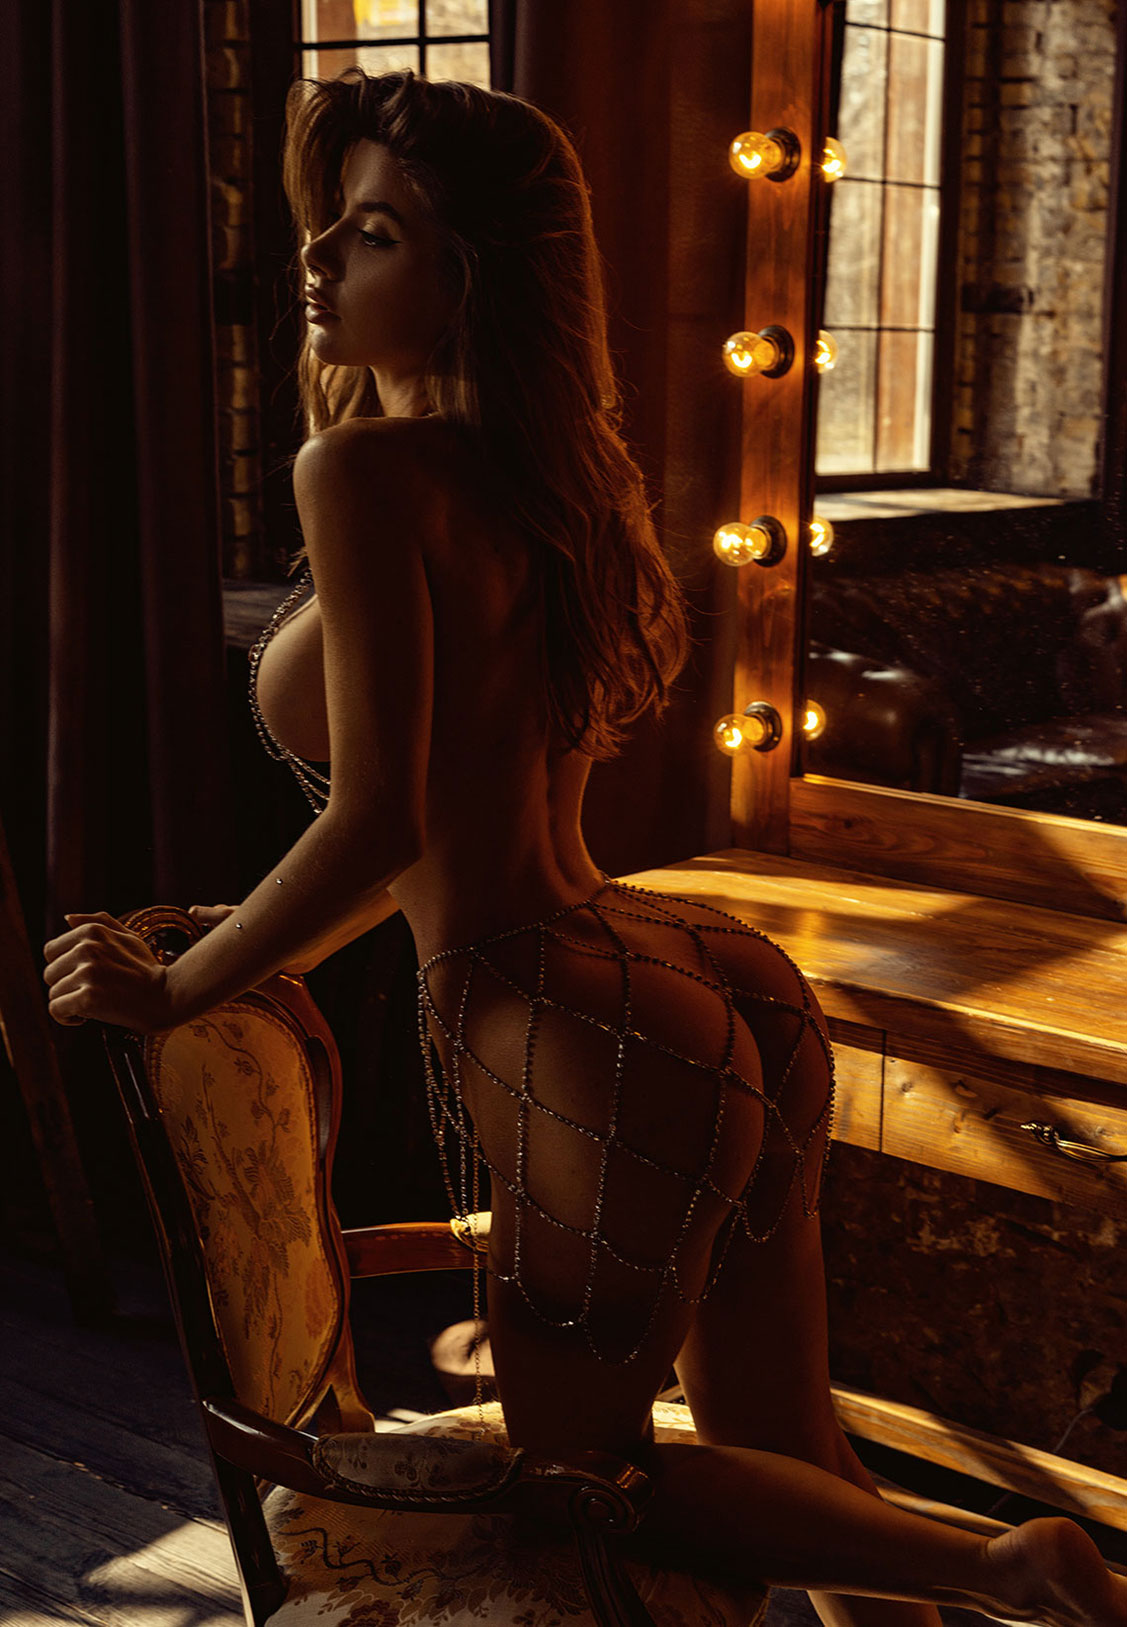 Сексуальная голая девушка в драгоценных цепях / фото 01